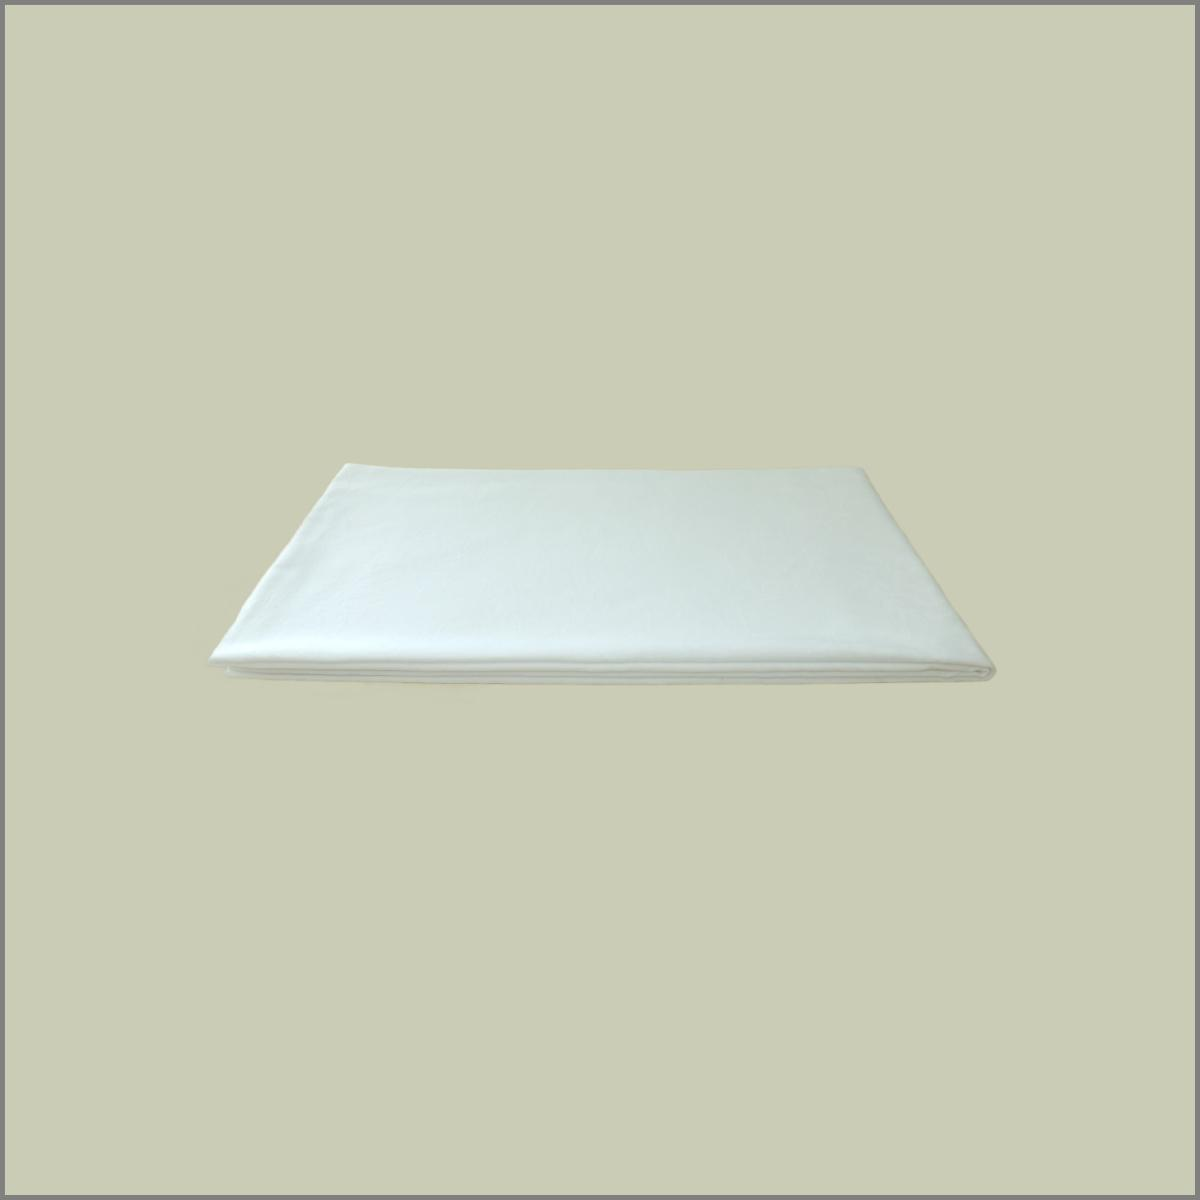 Nappe blanche pour table 87x87